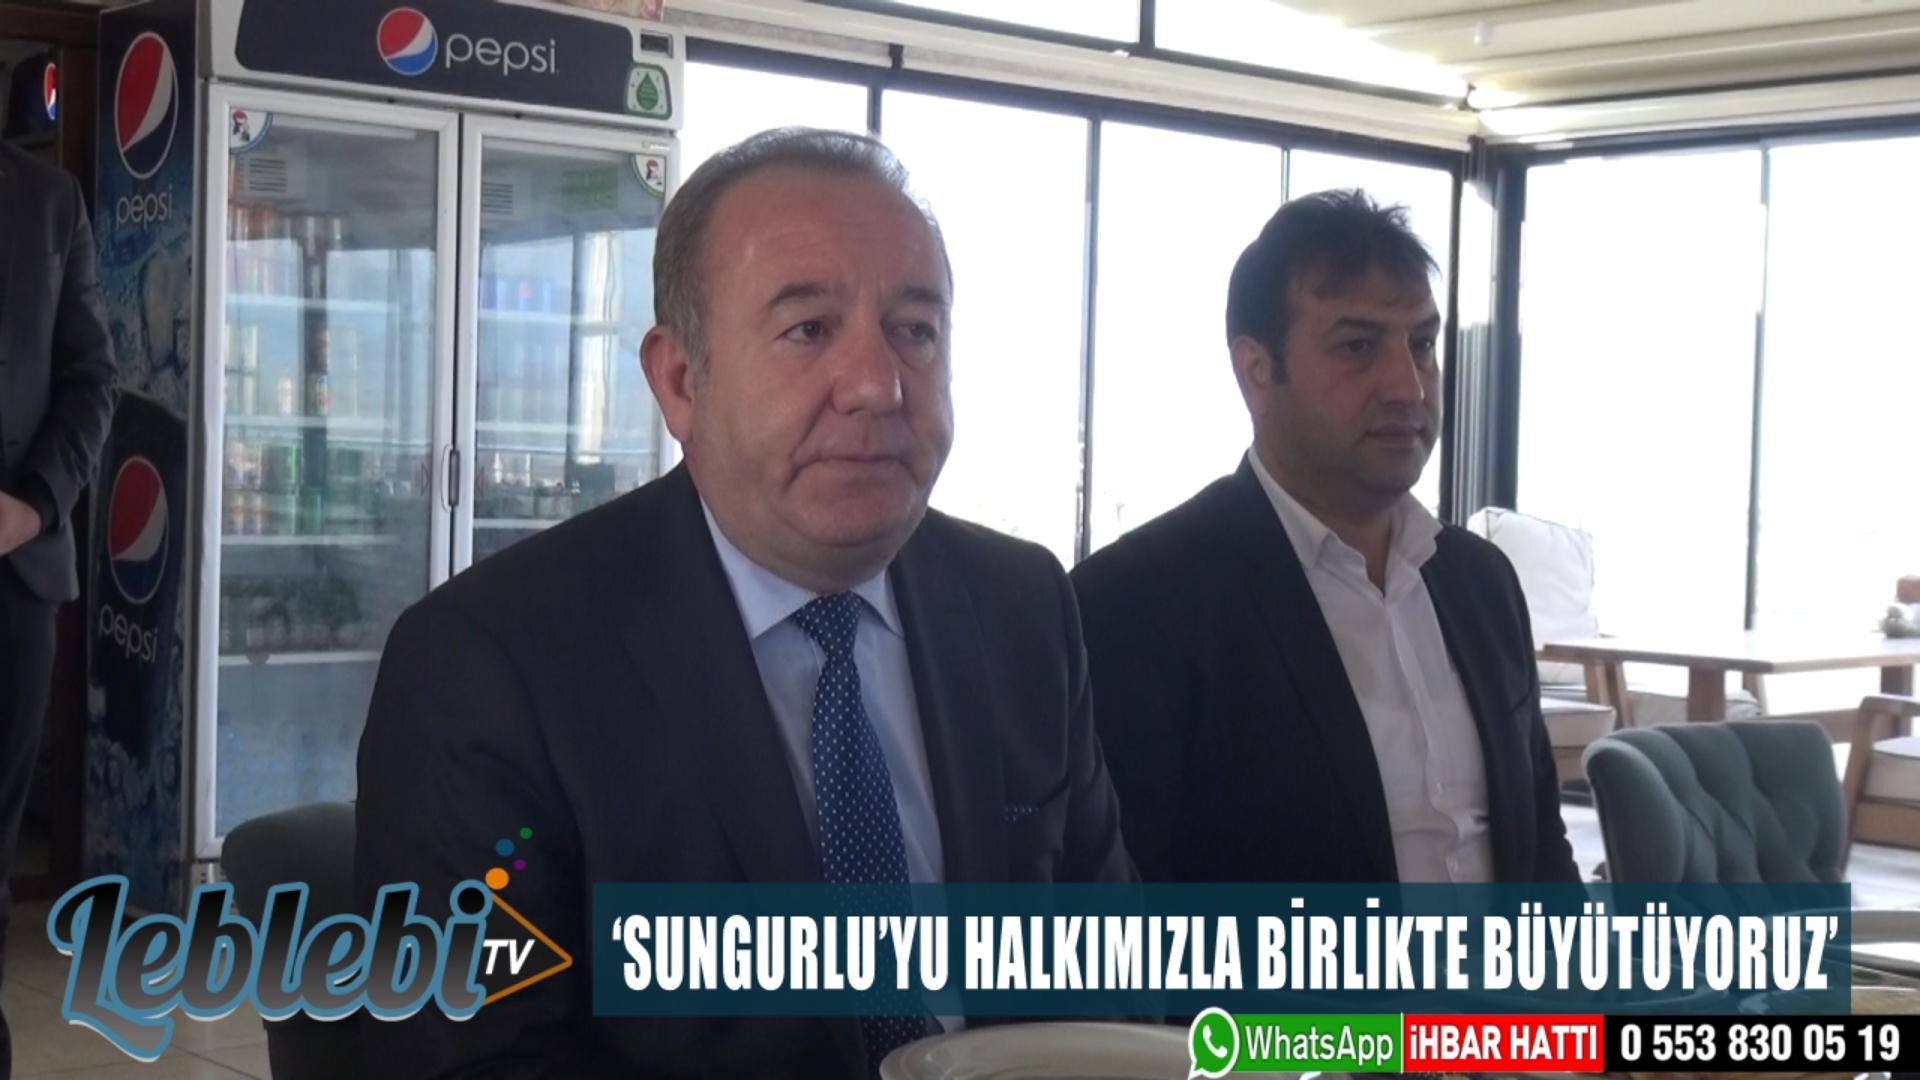 'SUNGURLU'YU HALKIMIZLA BİRLİKTE BÜYÜTÜYORUZ'